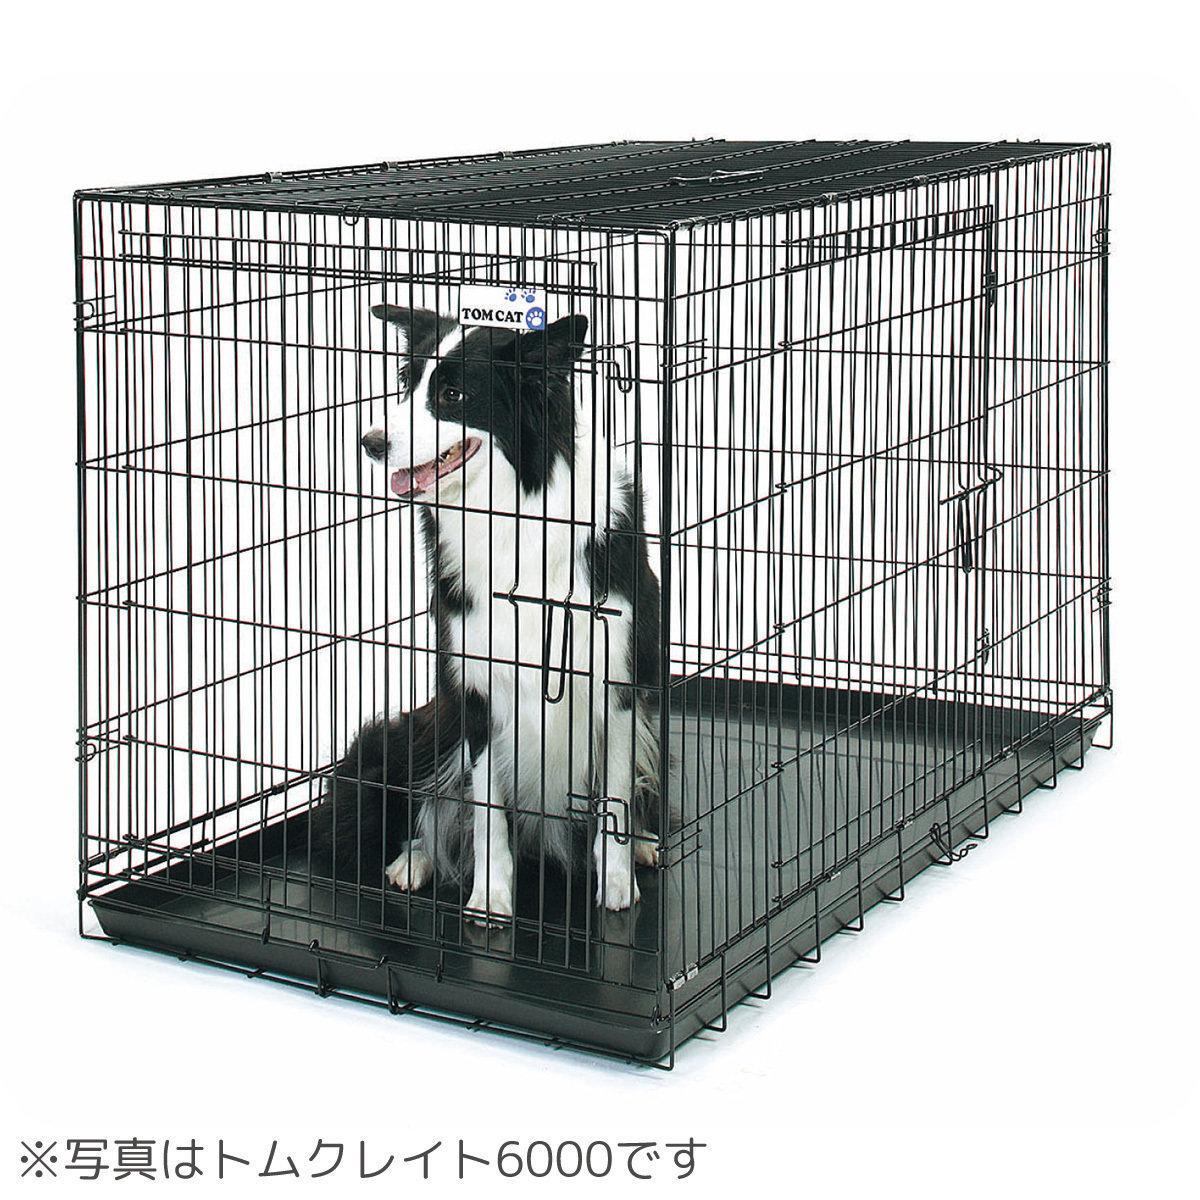 トムキャット トムクレイト4000【送料無料】